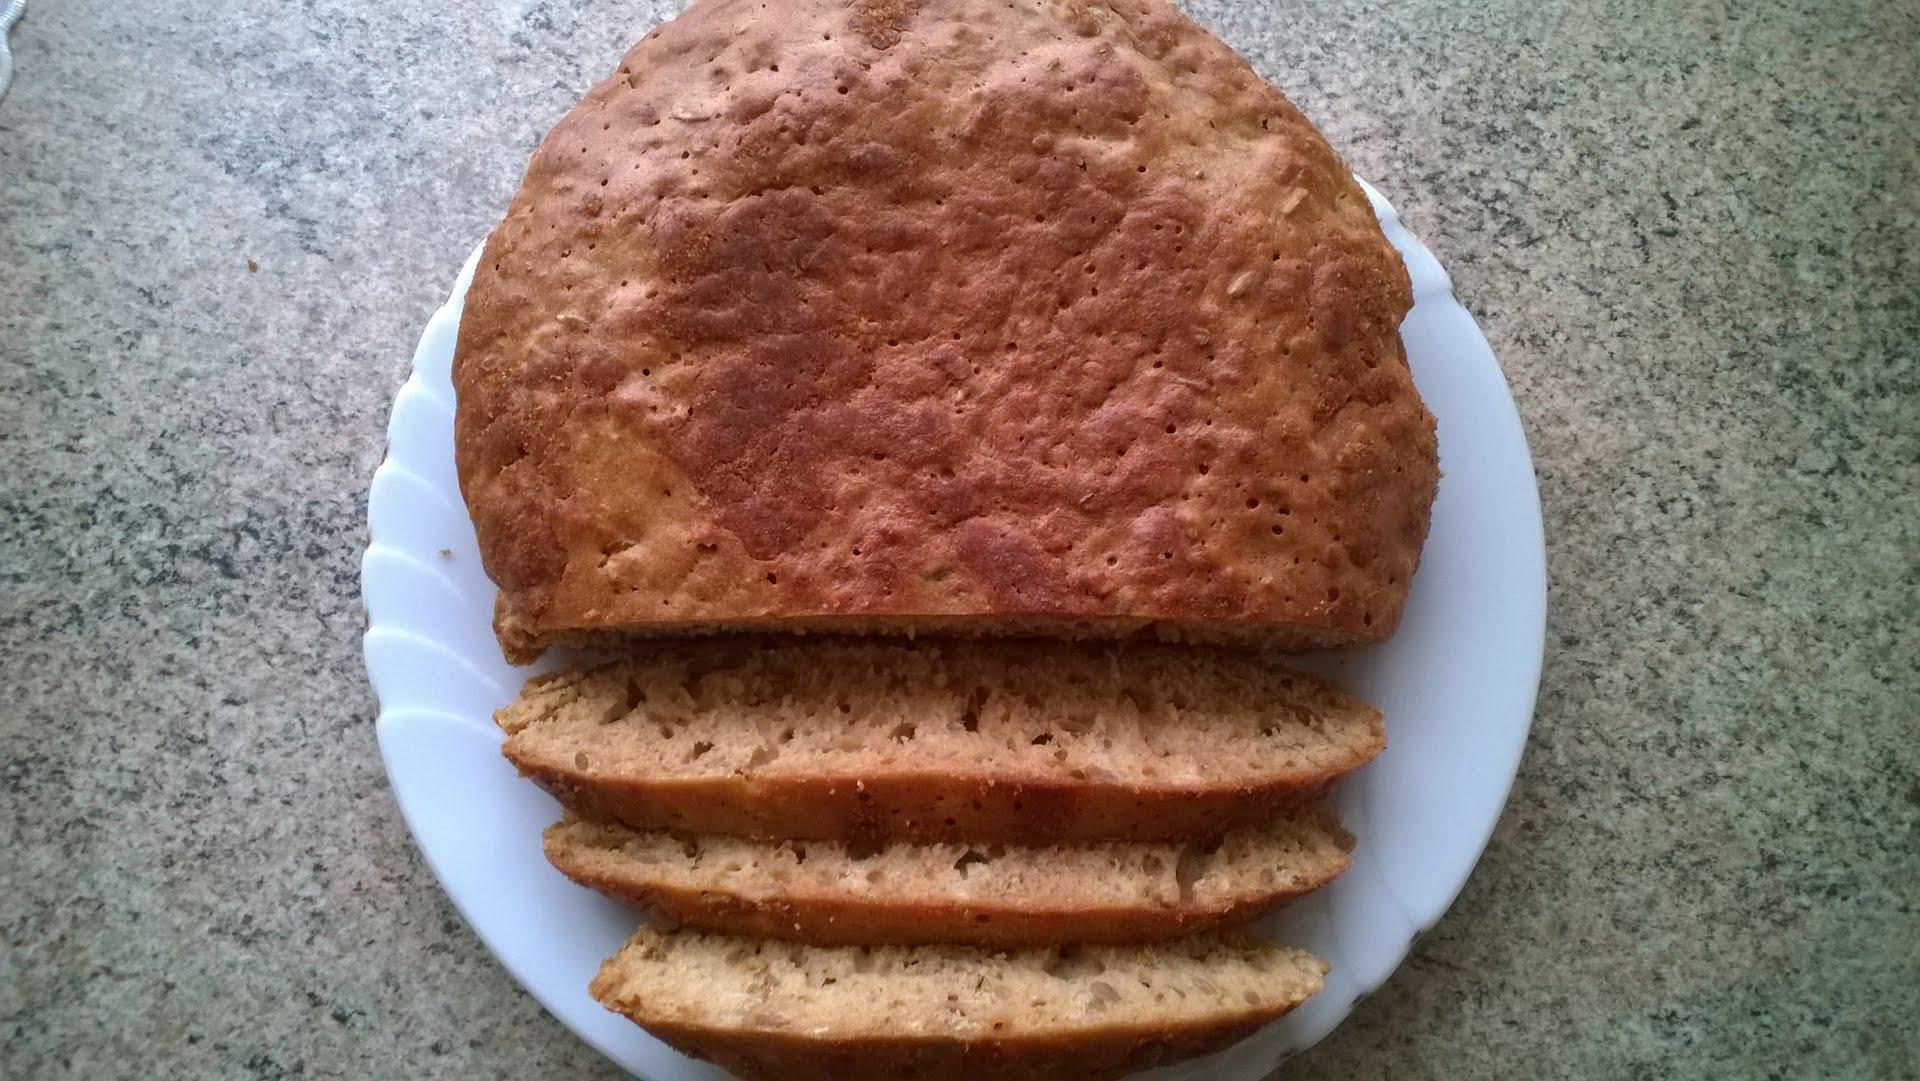 трубы желательно хлеб бездрожжевой в мультиварке рецепты с фото найдете